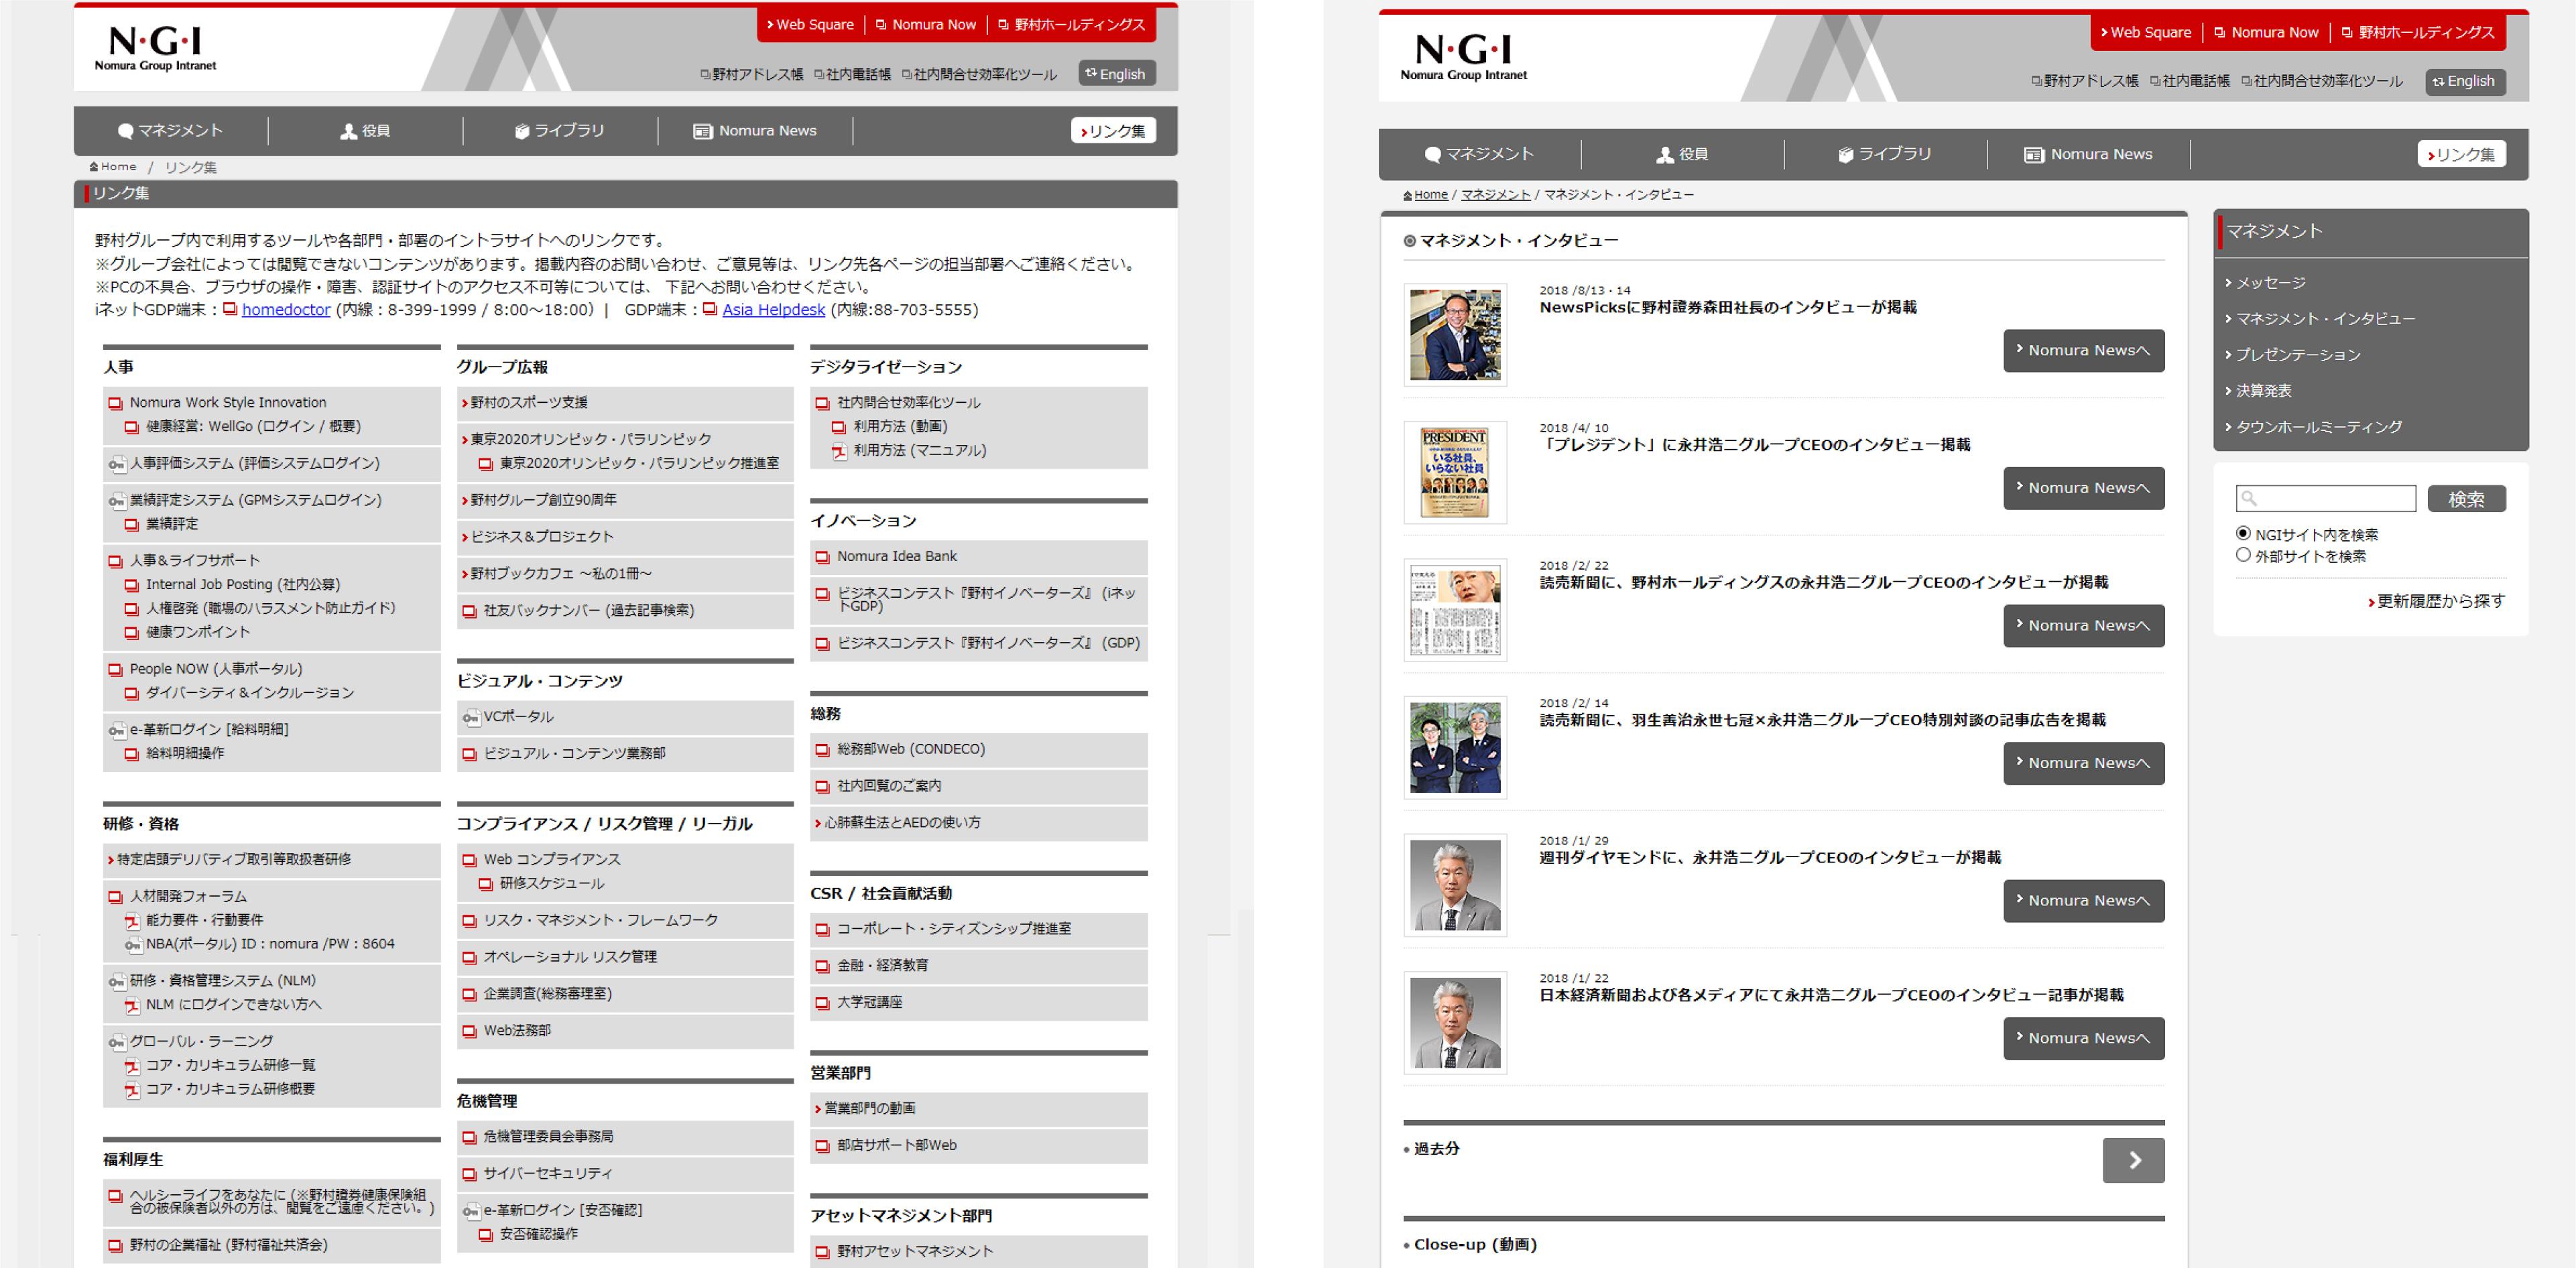 野村さんのリンク集とインタビューのページ